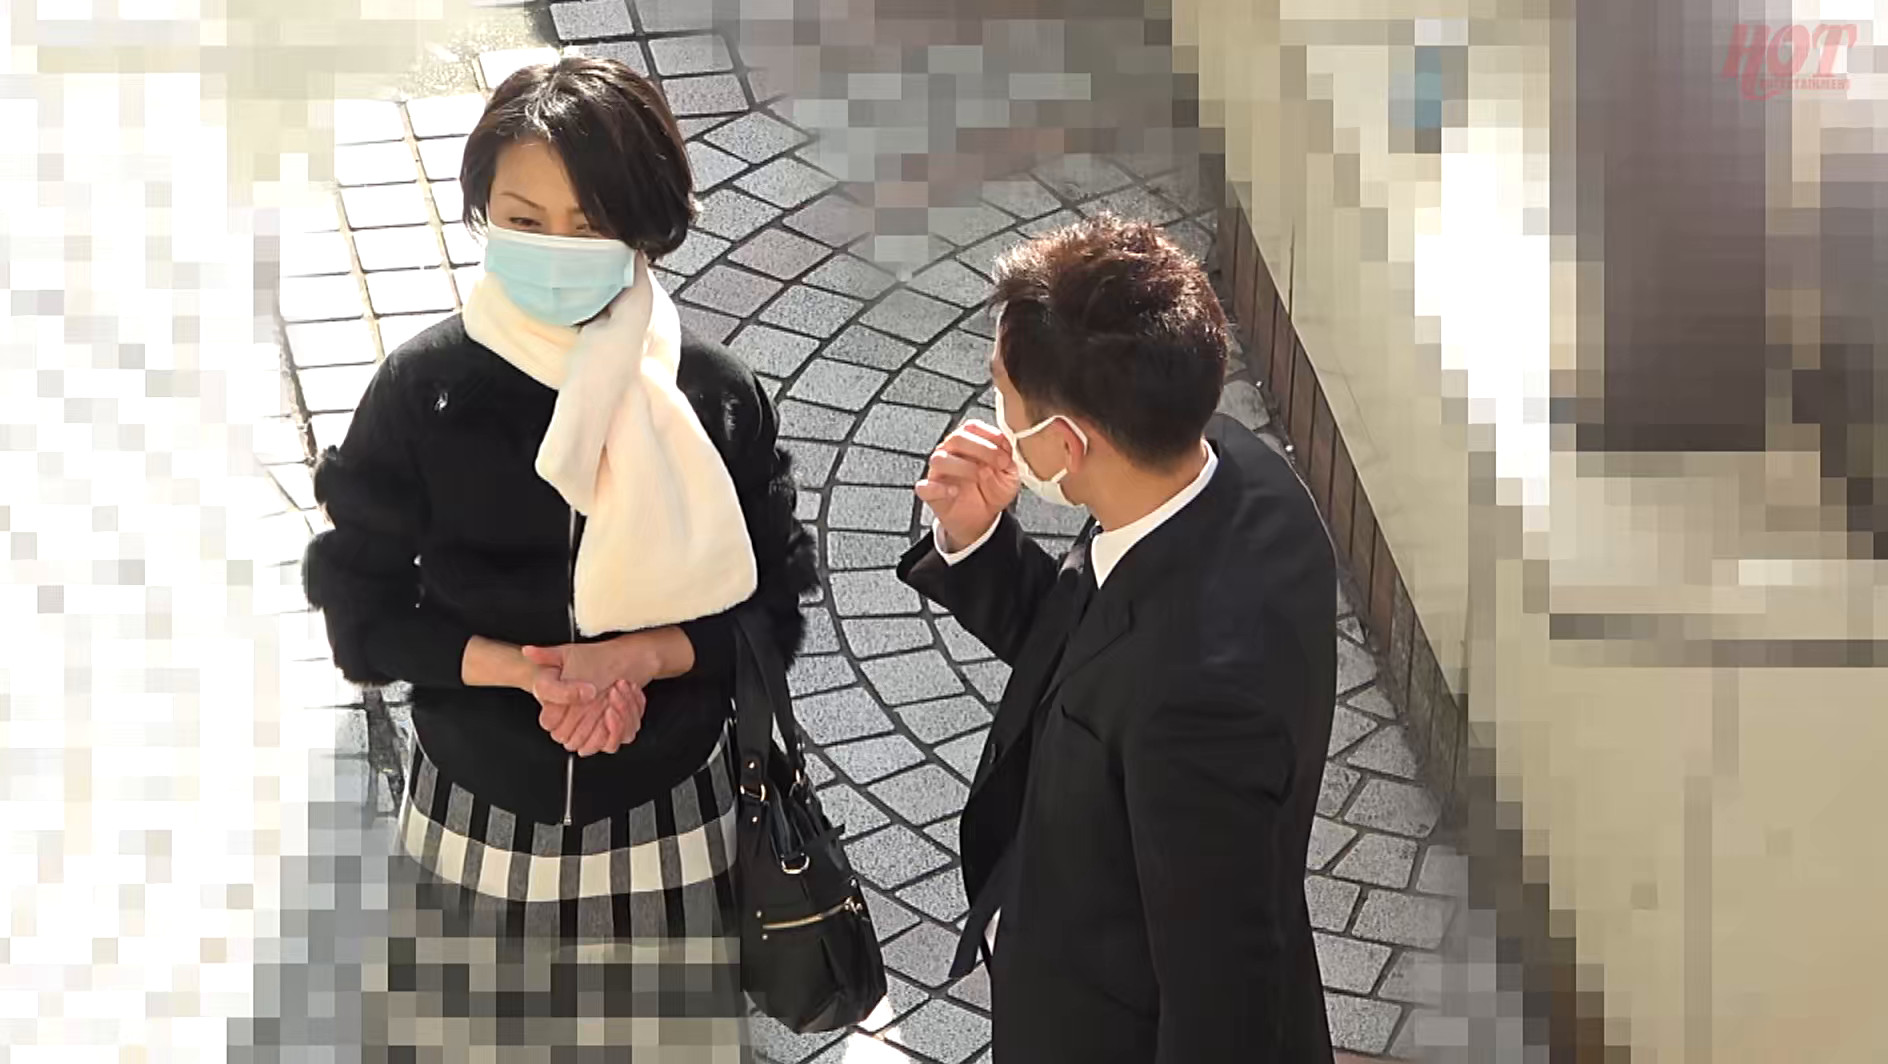 素敵な婦人 息子に会いに上京したはずなのに・・・イケメンナンパ師のテクにメロメロ 光代さん49歳 画像3